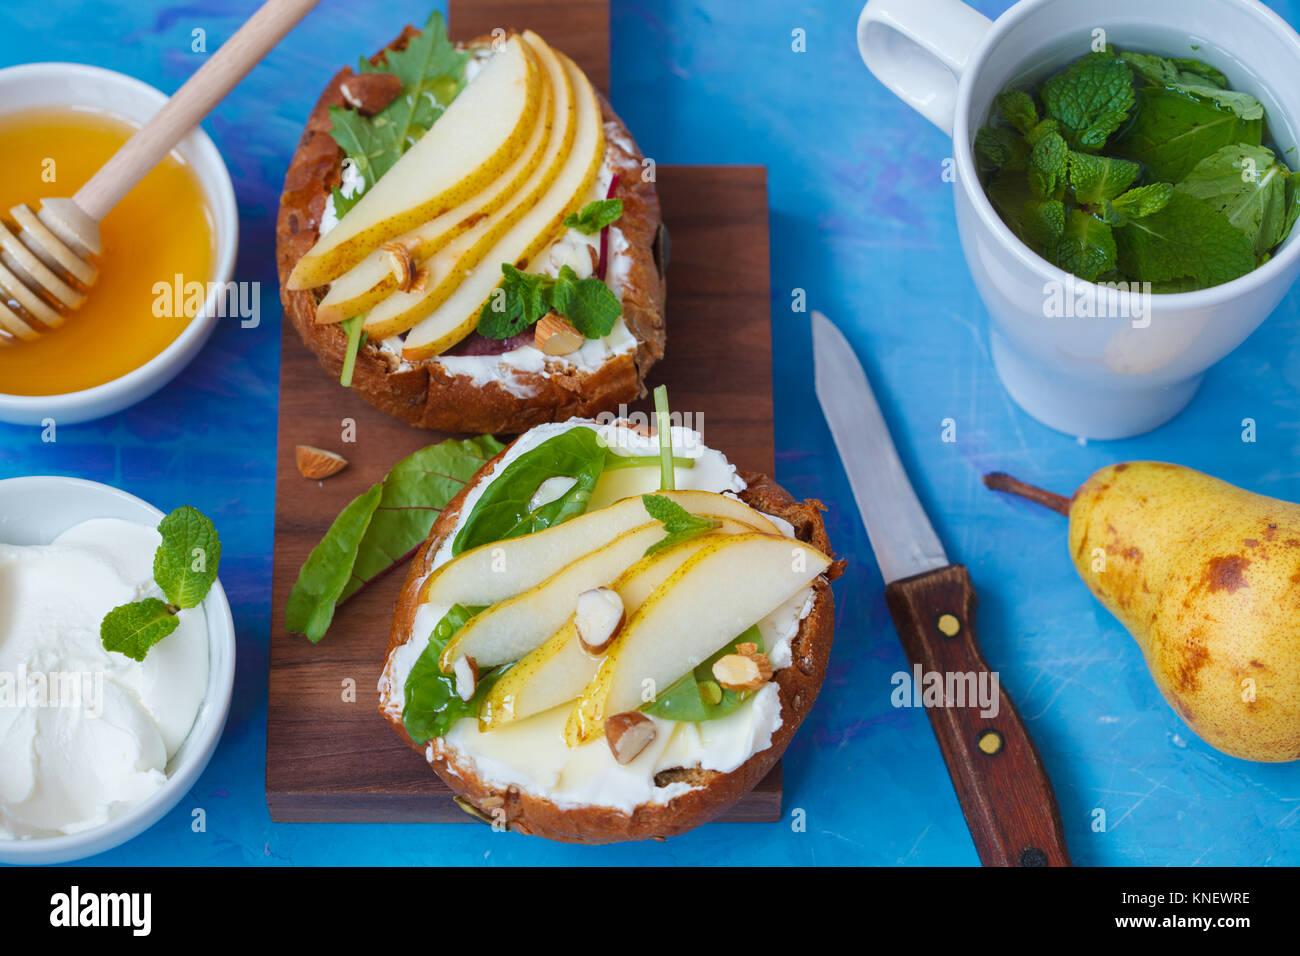 Sandwiches mit Hüttenkäse, Honig, Birne und Walnüsse mit einem Pfefferminztee. Europäische gesunde festlichen Frühstück Stockfoto